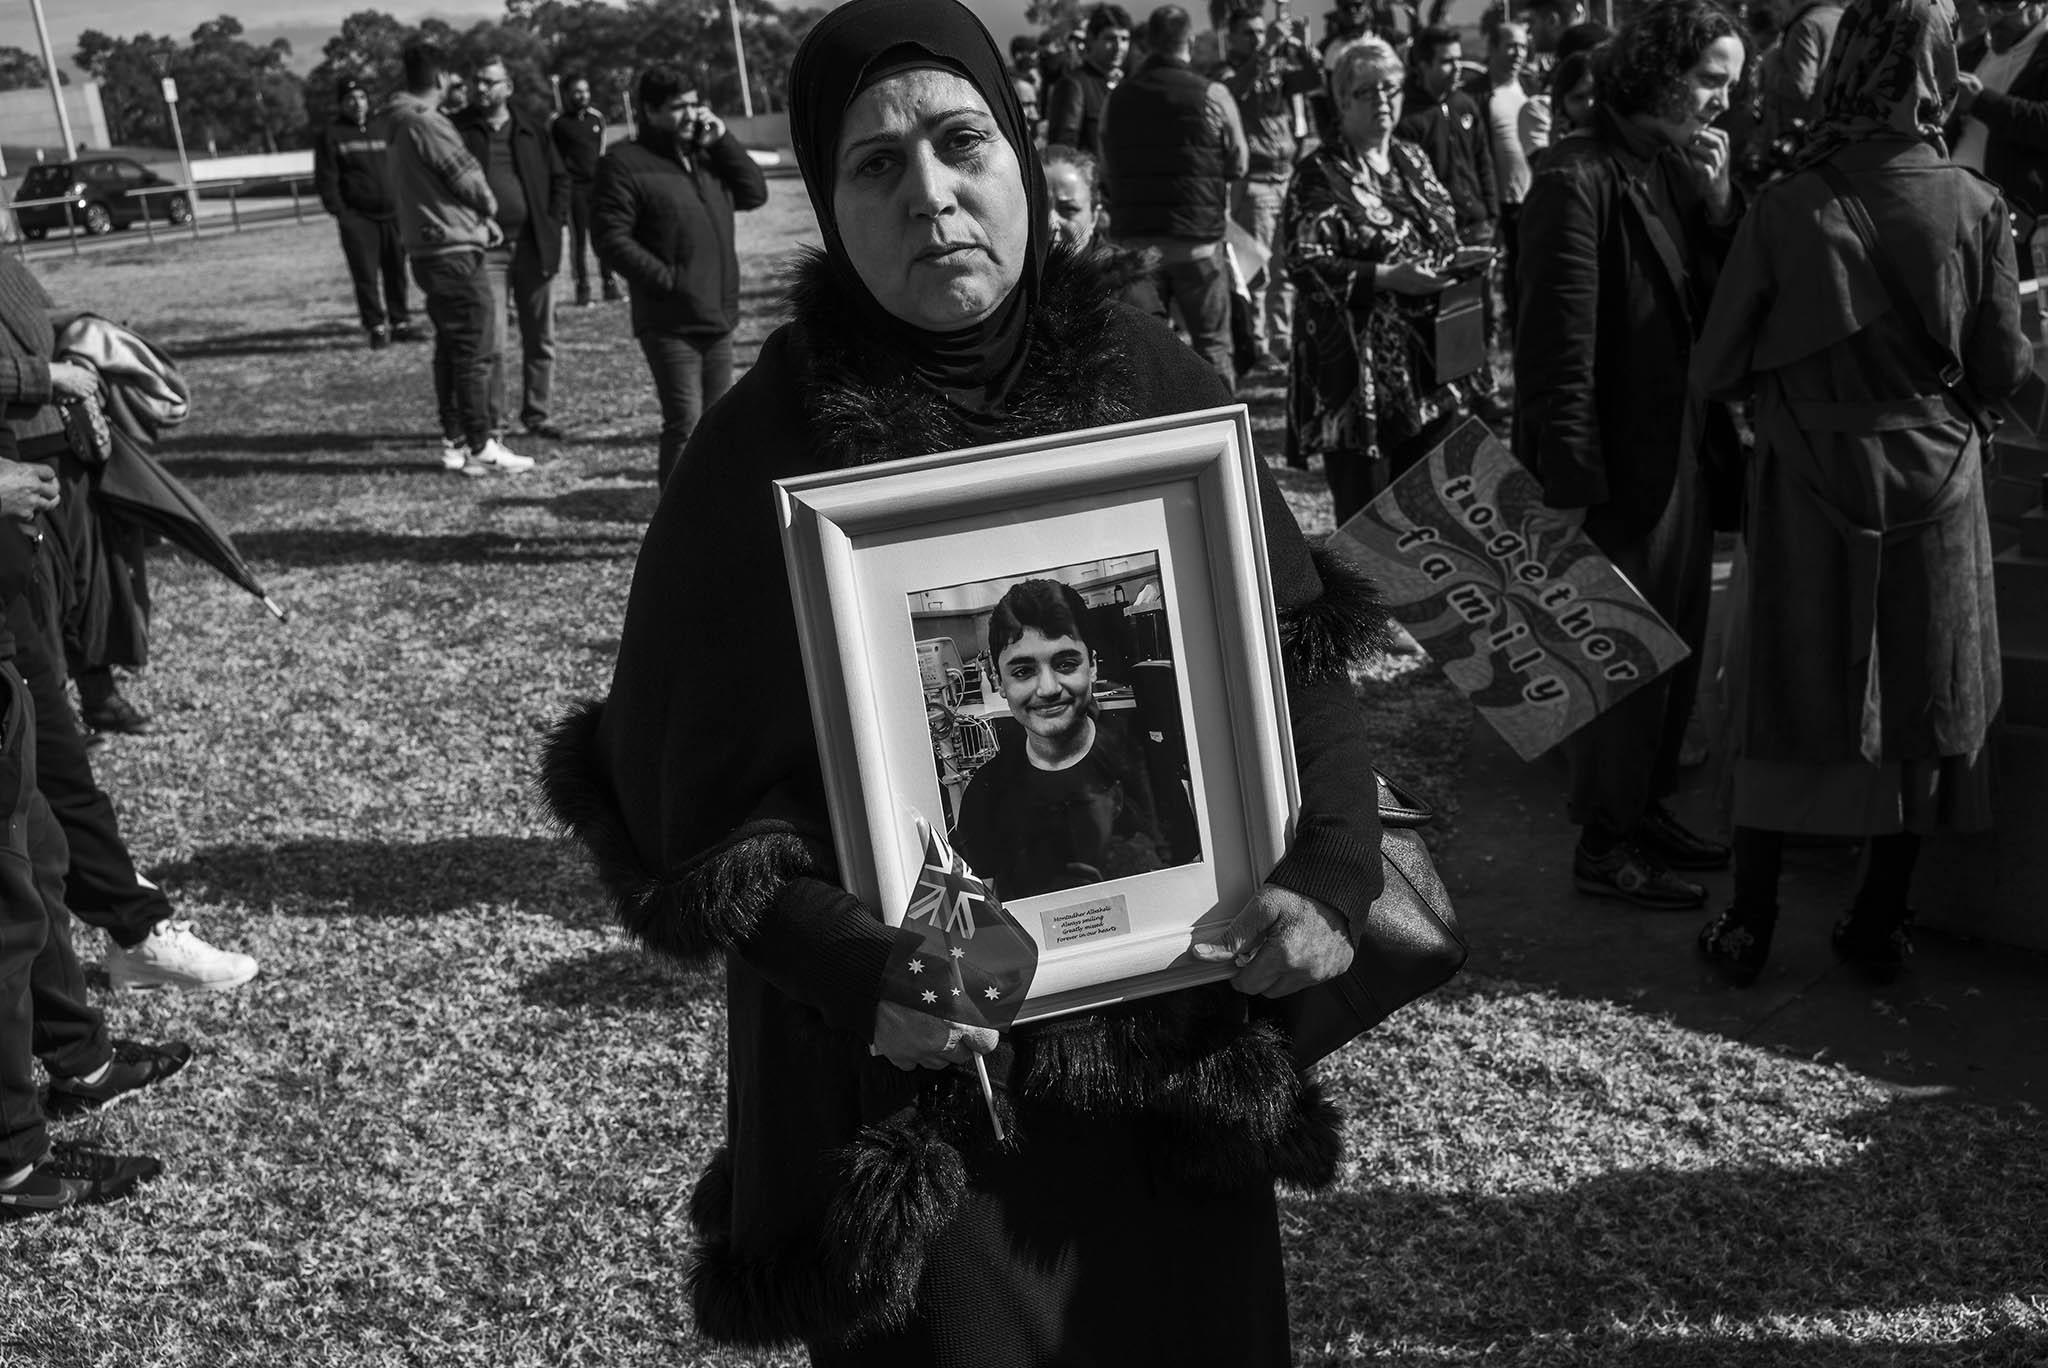 20190729_Refugee_Protest_0478.jpg